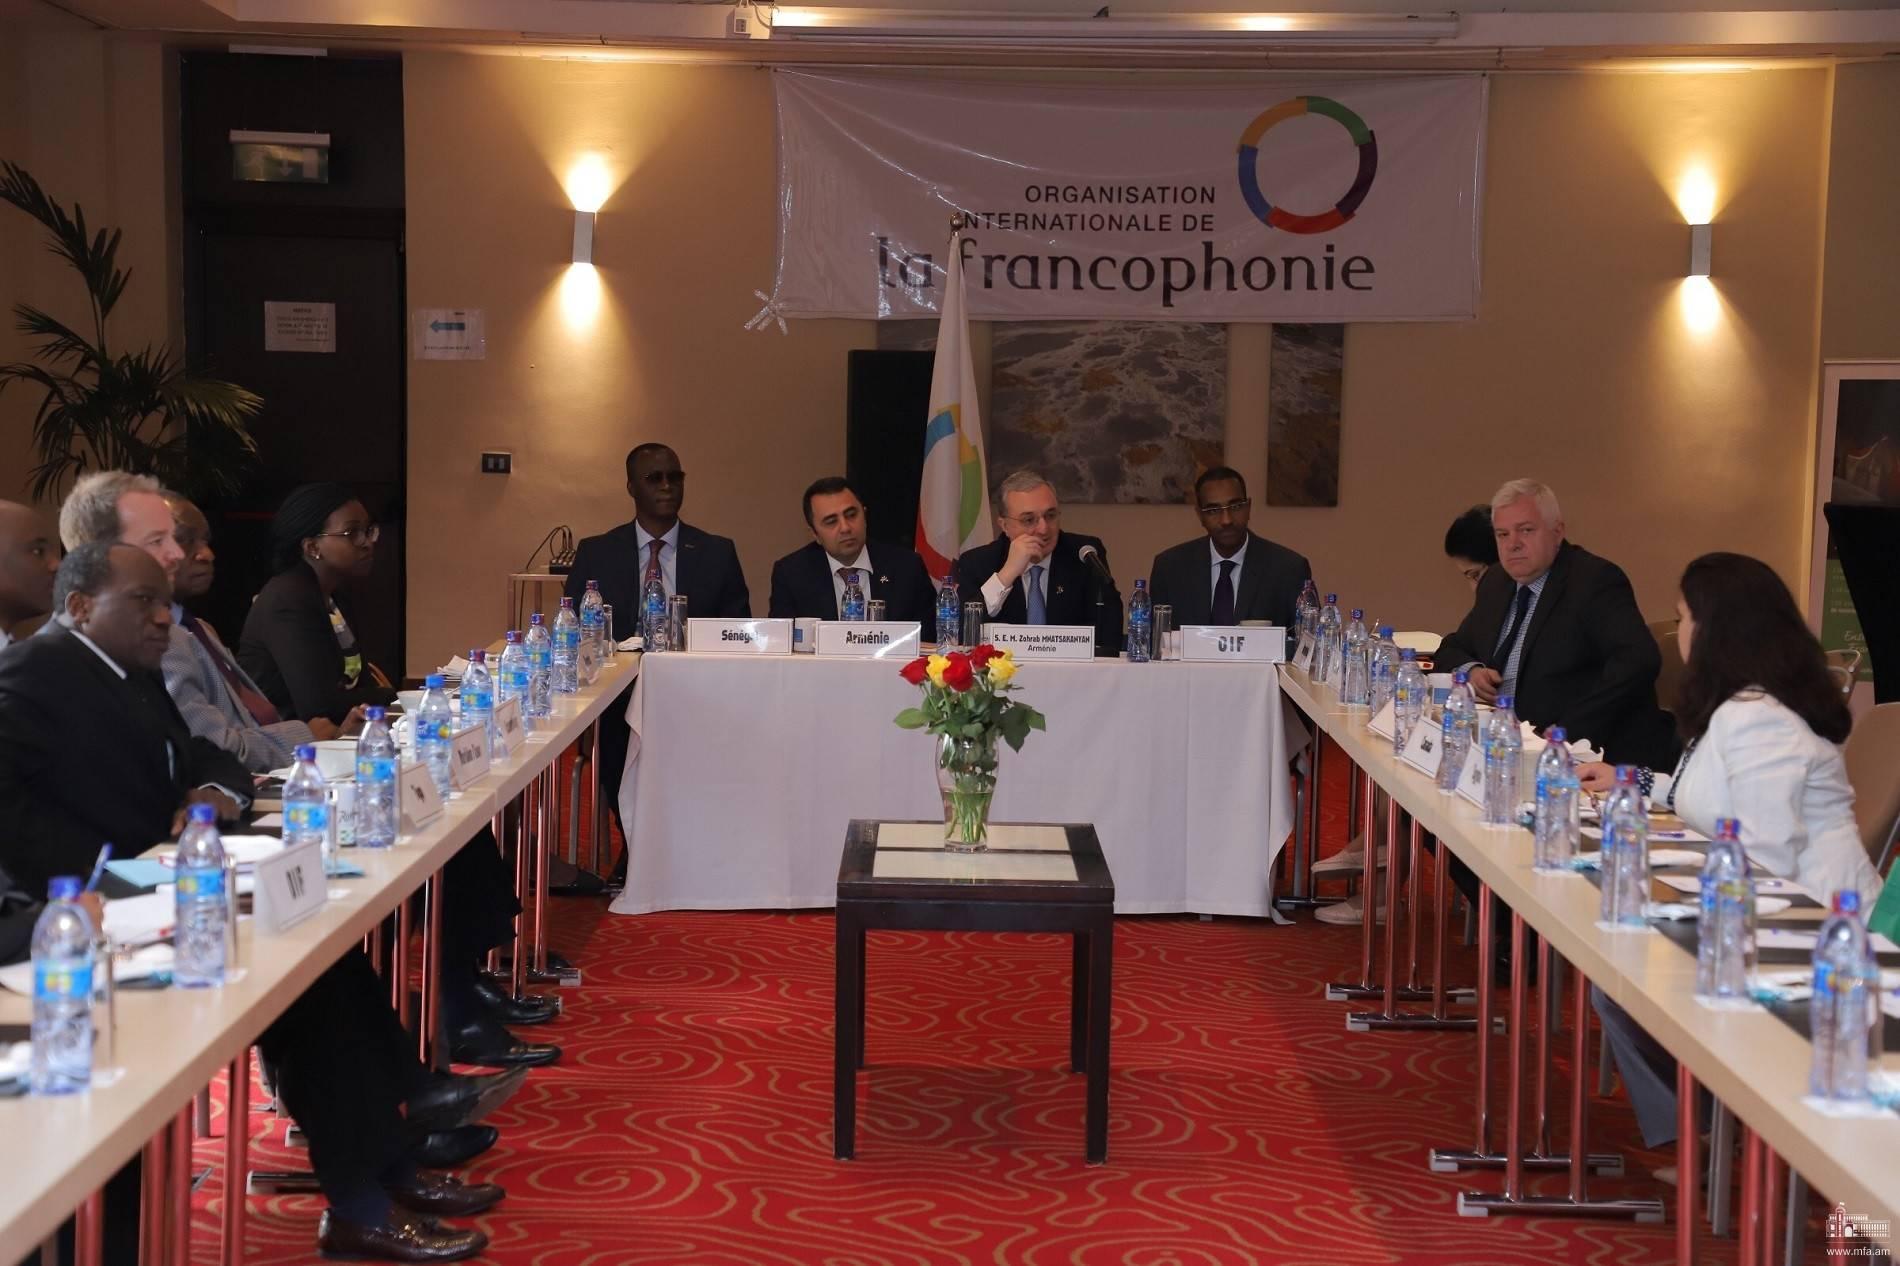 Photo of Զոհրաբ Մնացականյանը հանդիպեց Եթովպիայում հավատարմագրված ֆրանկոֆոն երկրների դեսպանների հետ